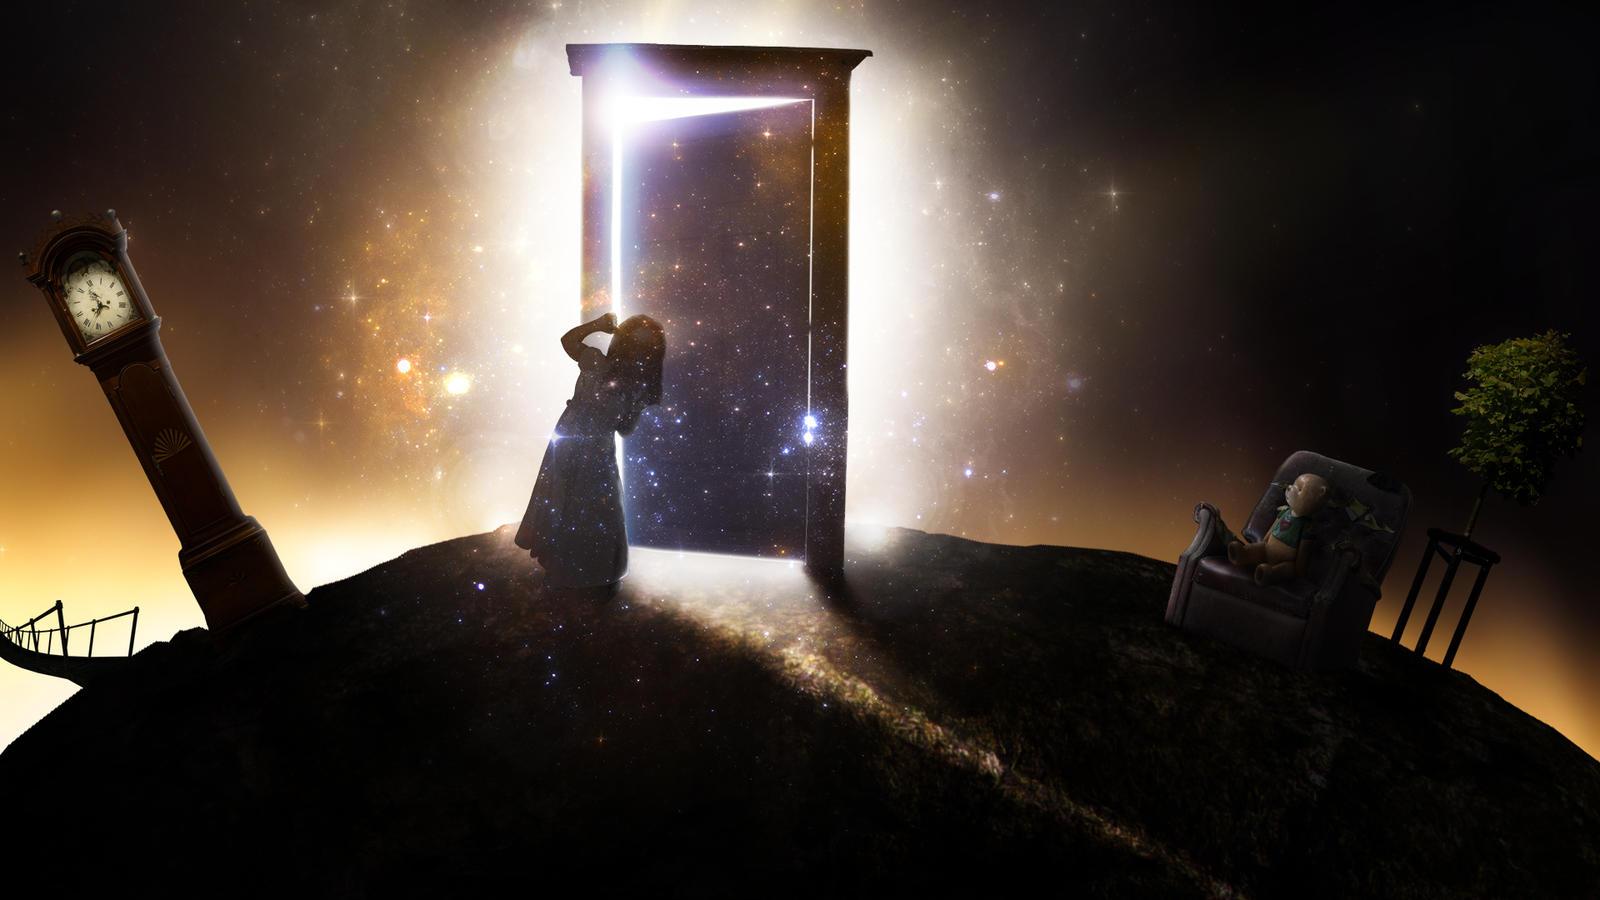 The magic door by genivaldosouza